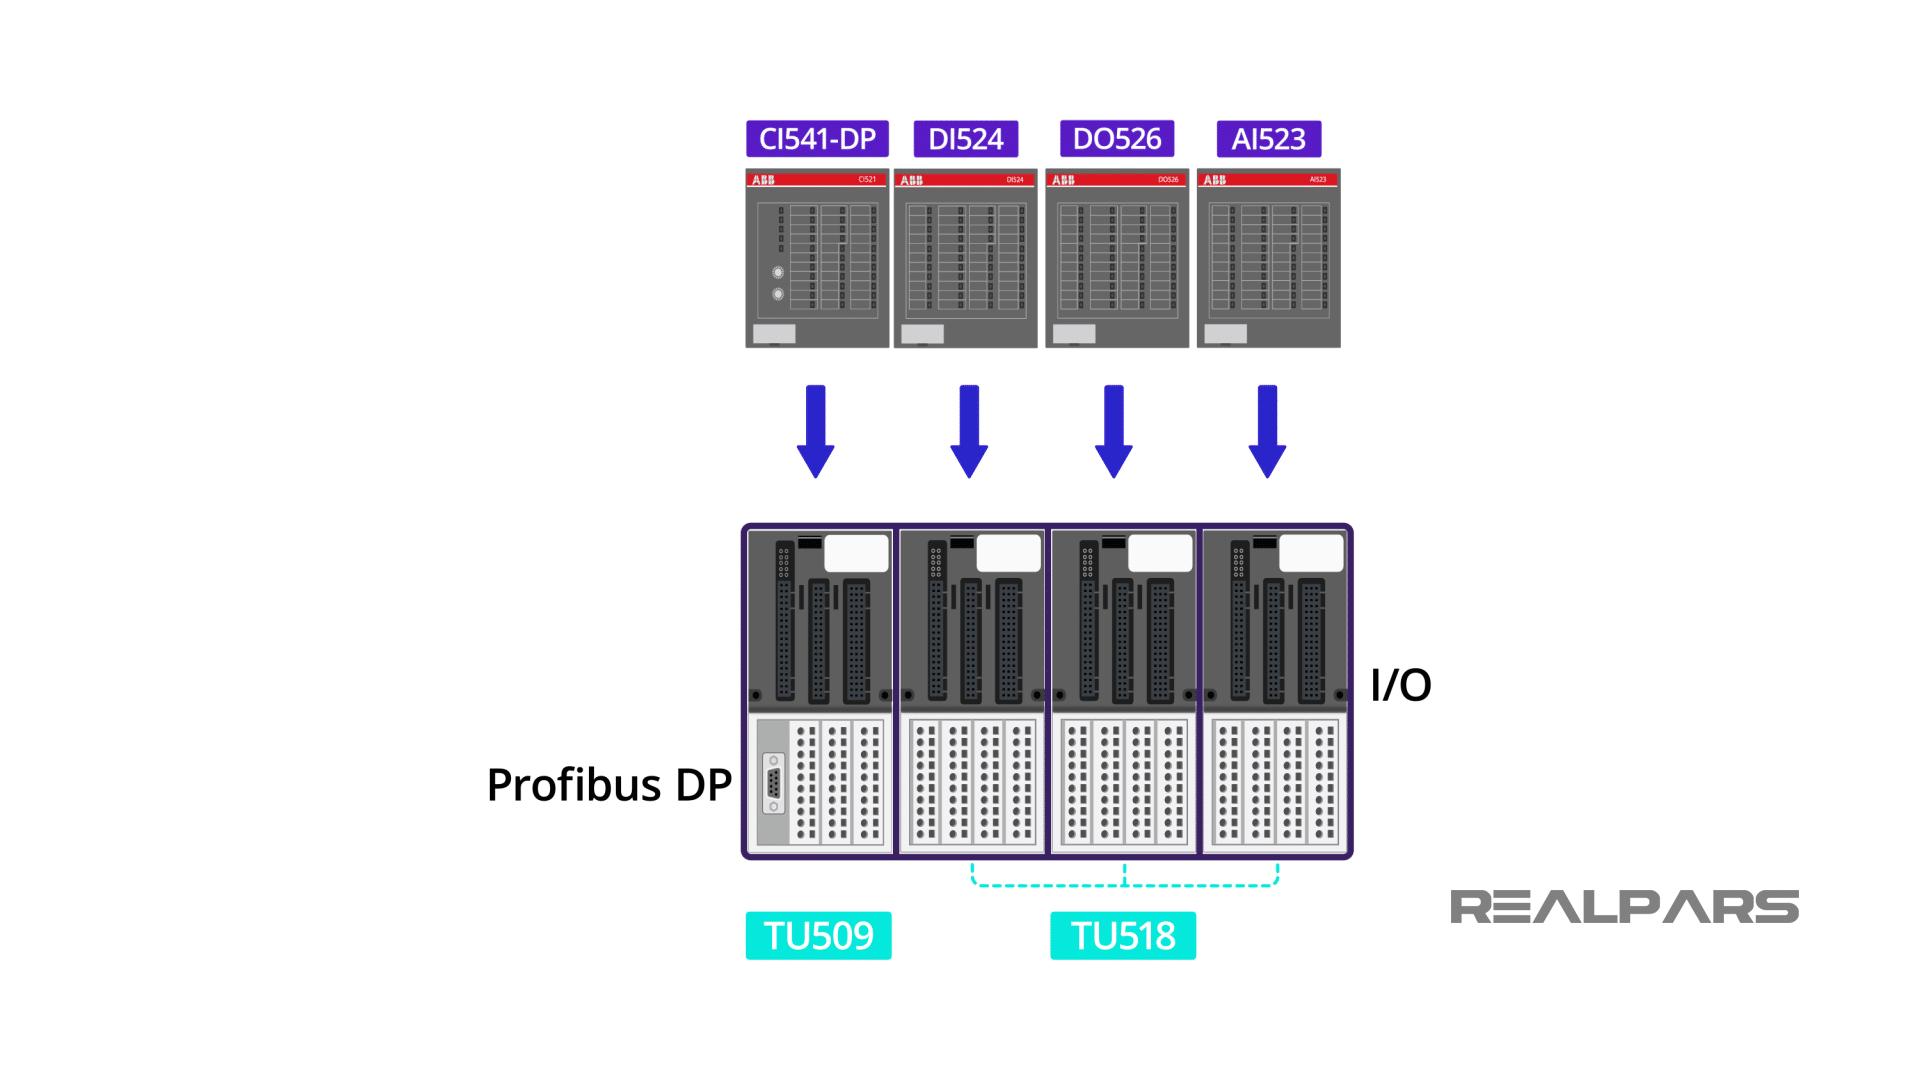 ABB CI541 DP + TU509 + TU518 + DI524 + DO526 + AI523